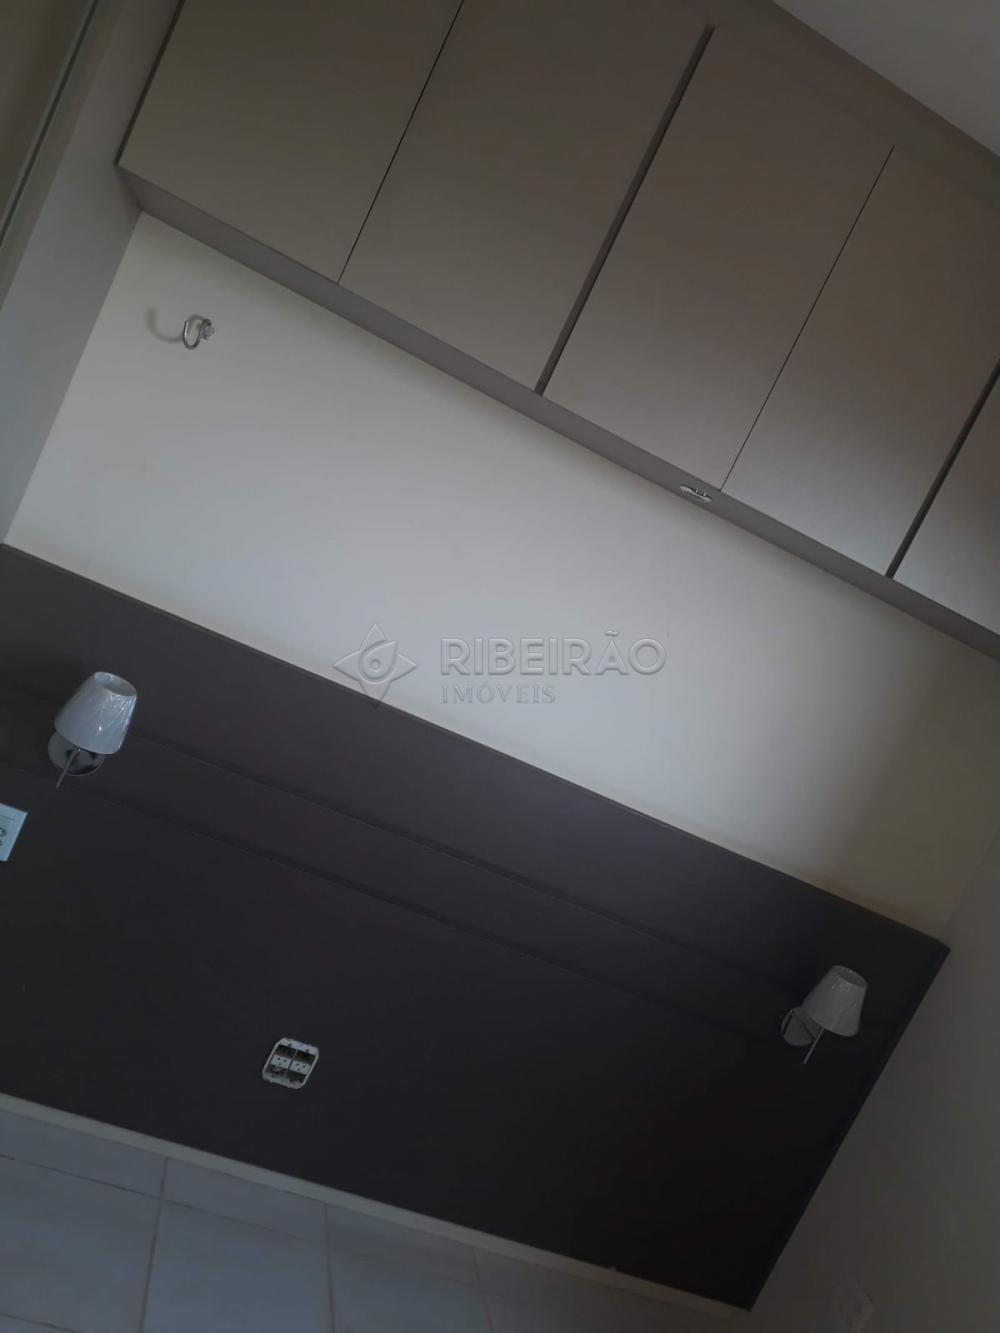 Comprar Apartamento / Padrão em Ribeirão Preto apenas R$ 600.000,00 - Foto 52